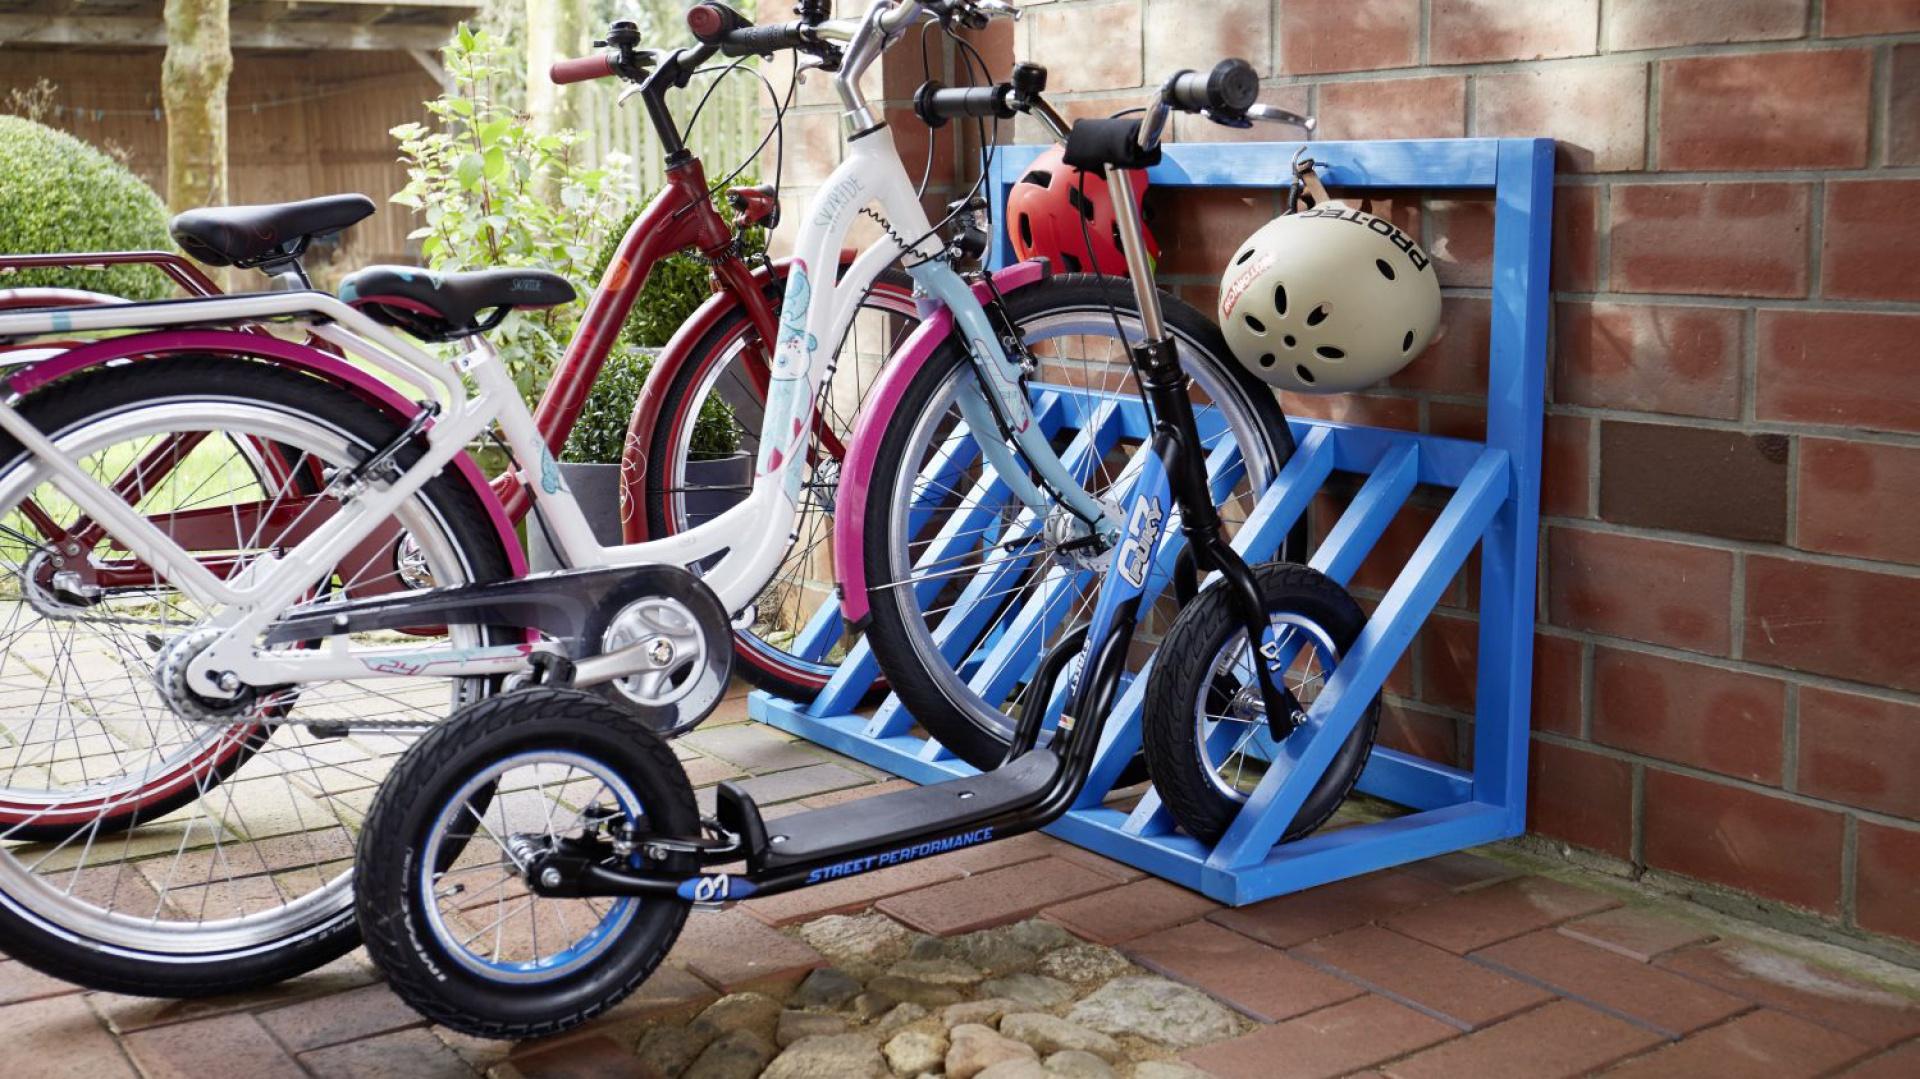 Stojak na rower to idealne rozwiązanie dla miłośników rowerowych wycieczek. Polubią go również odwiedzający nas goście-rowerzyści. Fot. Bosch